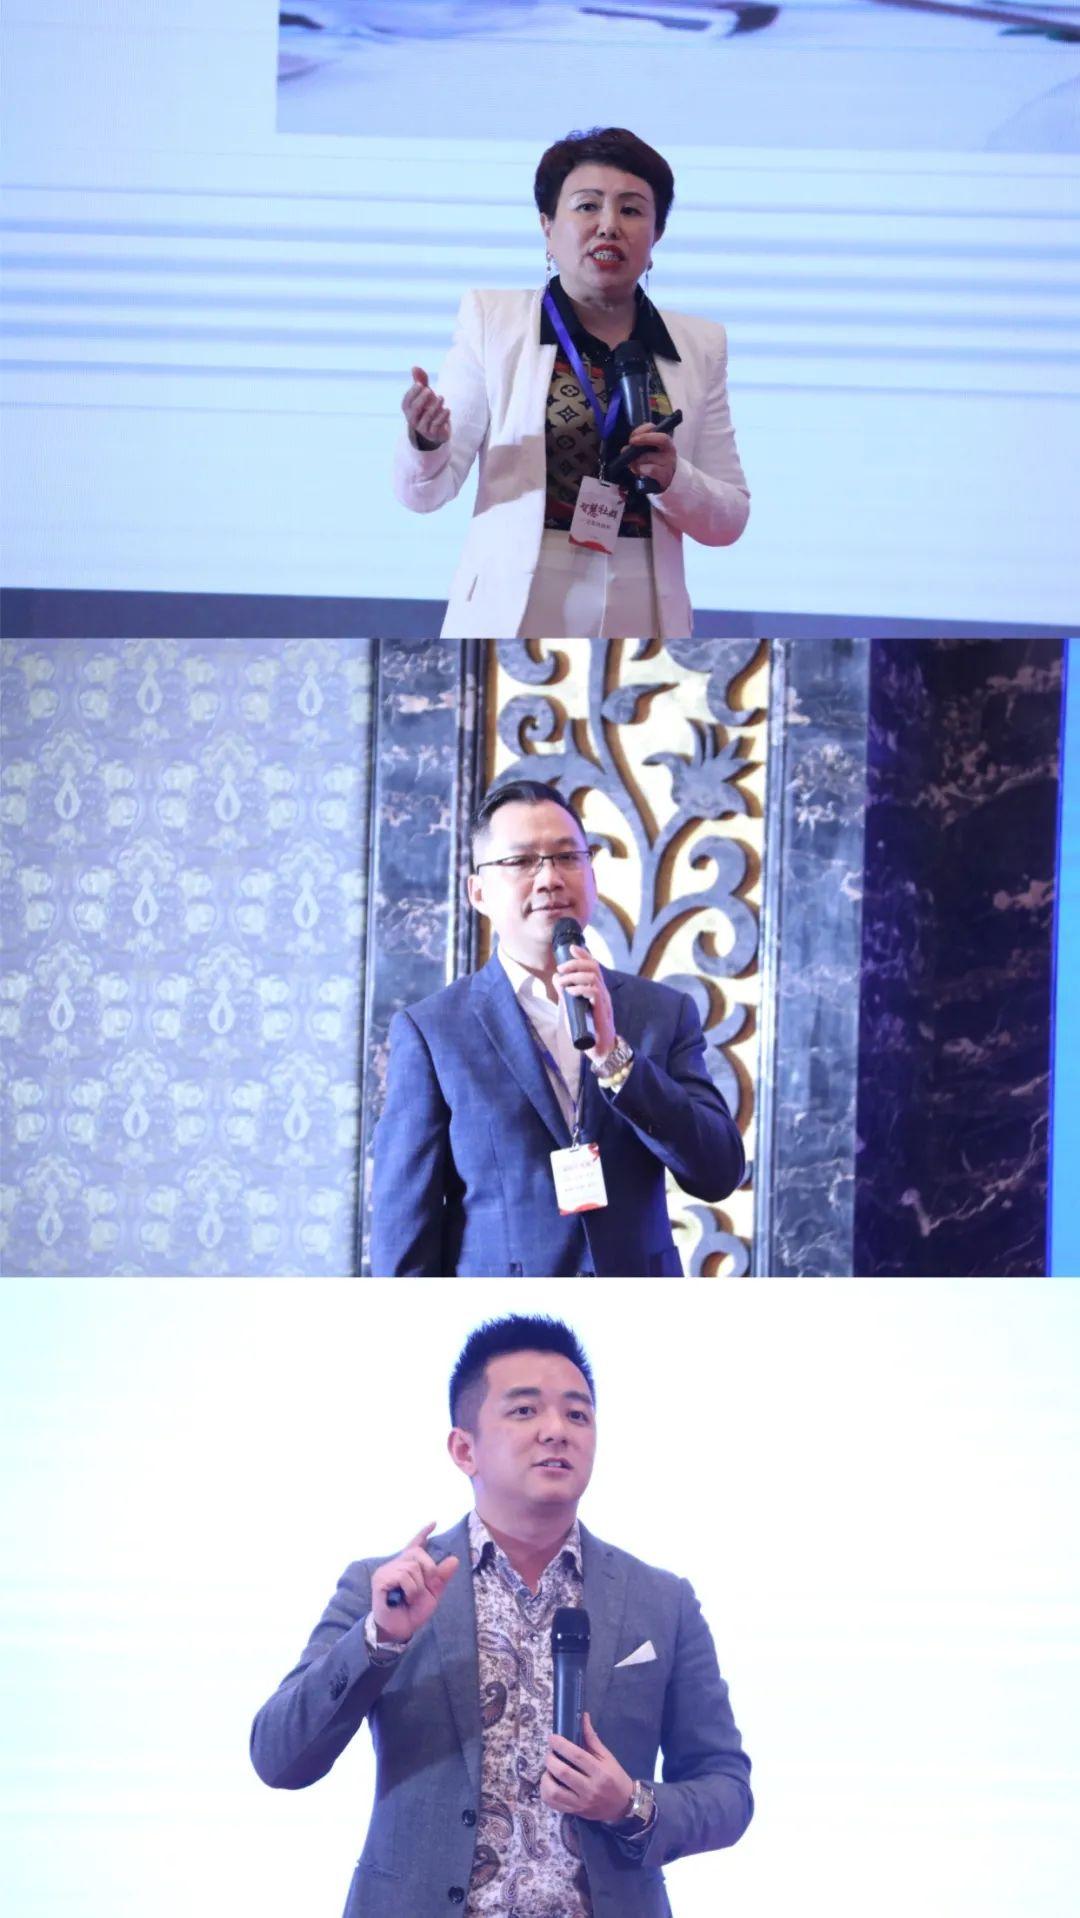 【中国企业崛起-招好商】暨【积宝良品-让消费者盈利】研讨会圆满成功!